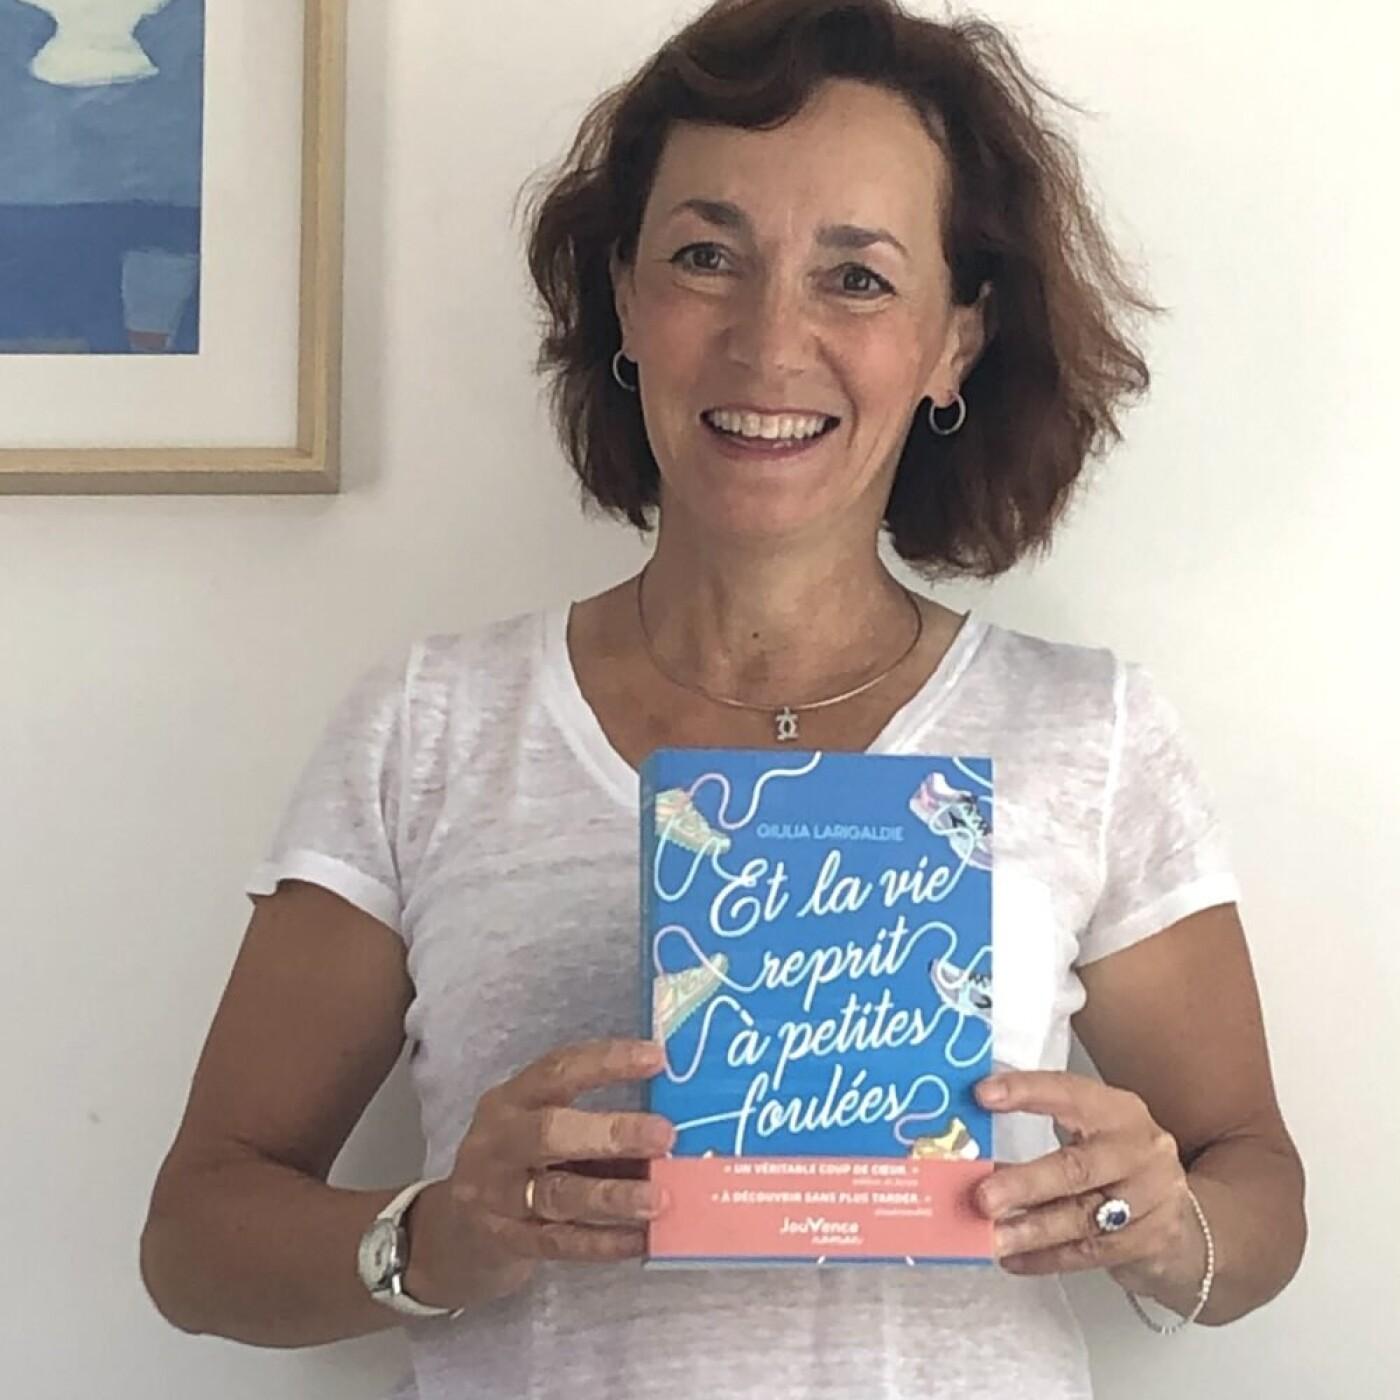 Christine en Allemagne présente la sortie de son roman - 01 09 2021 - StereoChic Radio